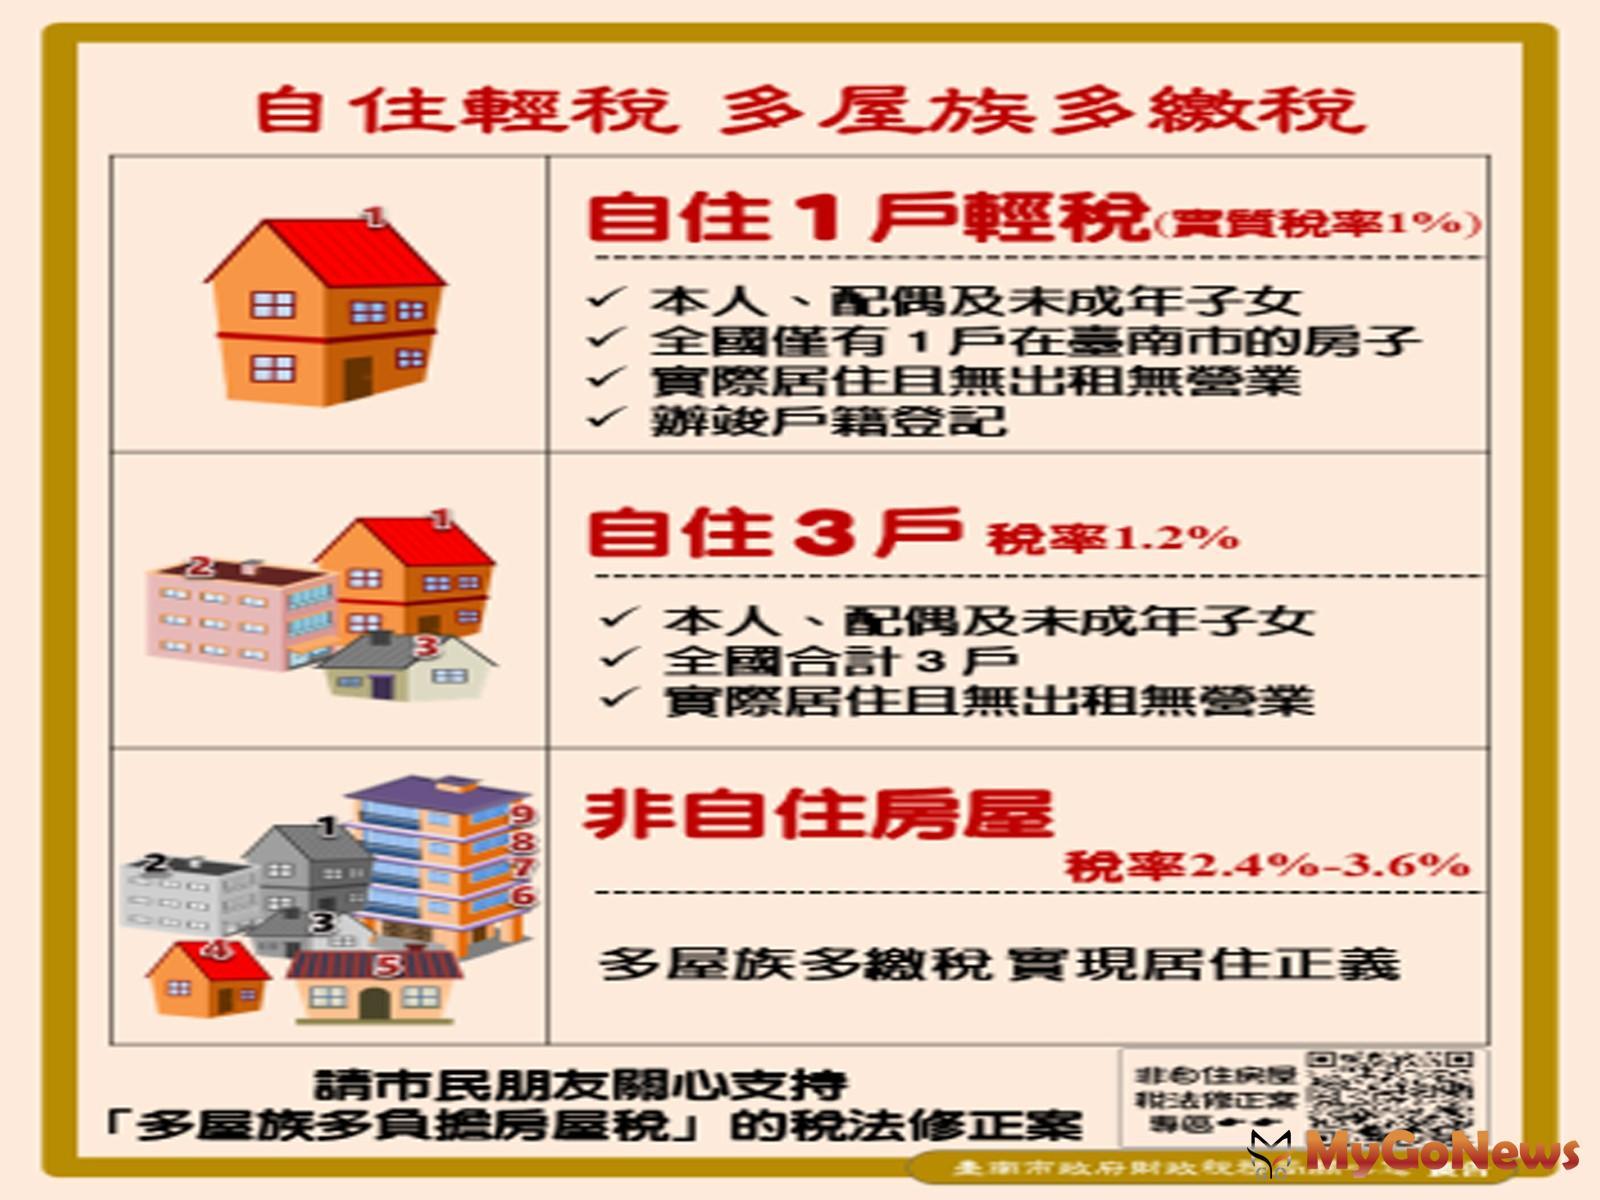 台南市政會議通過該市房屋稅徵收率自治條例修正草案,將提付市議會審議(圖/台南市政府) MyGoNews房地產新聞 區域情報